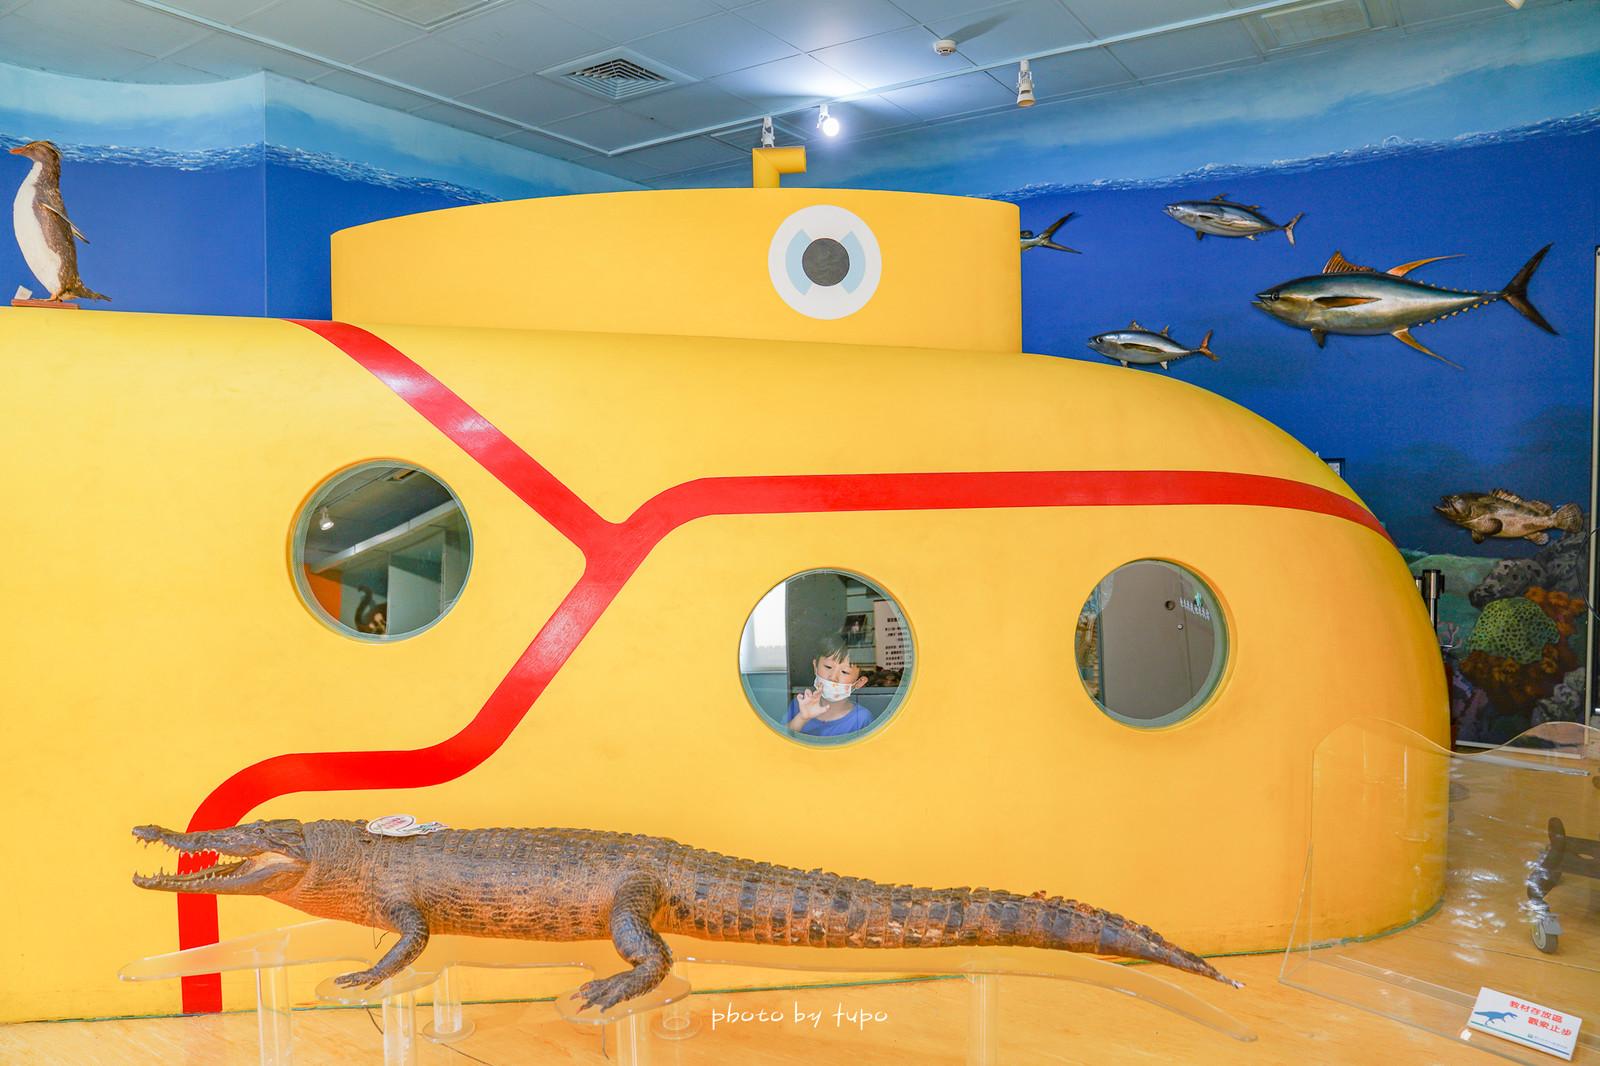 台中室內景點推薦》幼兒科學園,免門票!可愛潛水艇、積木遊戲區、多款益智玩具、適合三歲到八歲小朋友的秘密基地! @小腹婆大世界